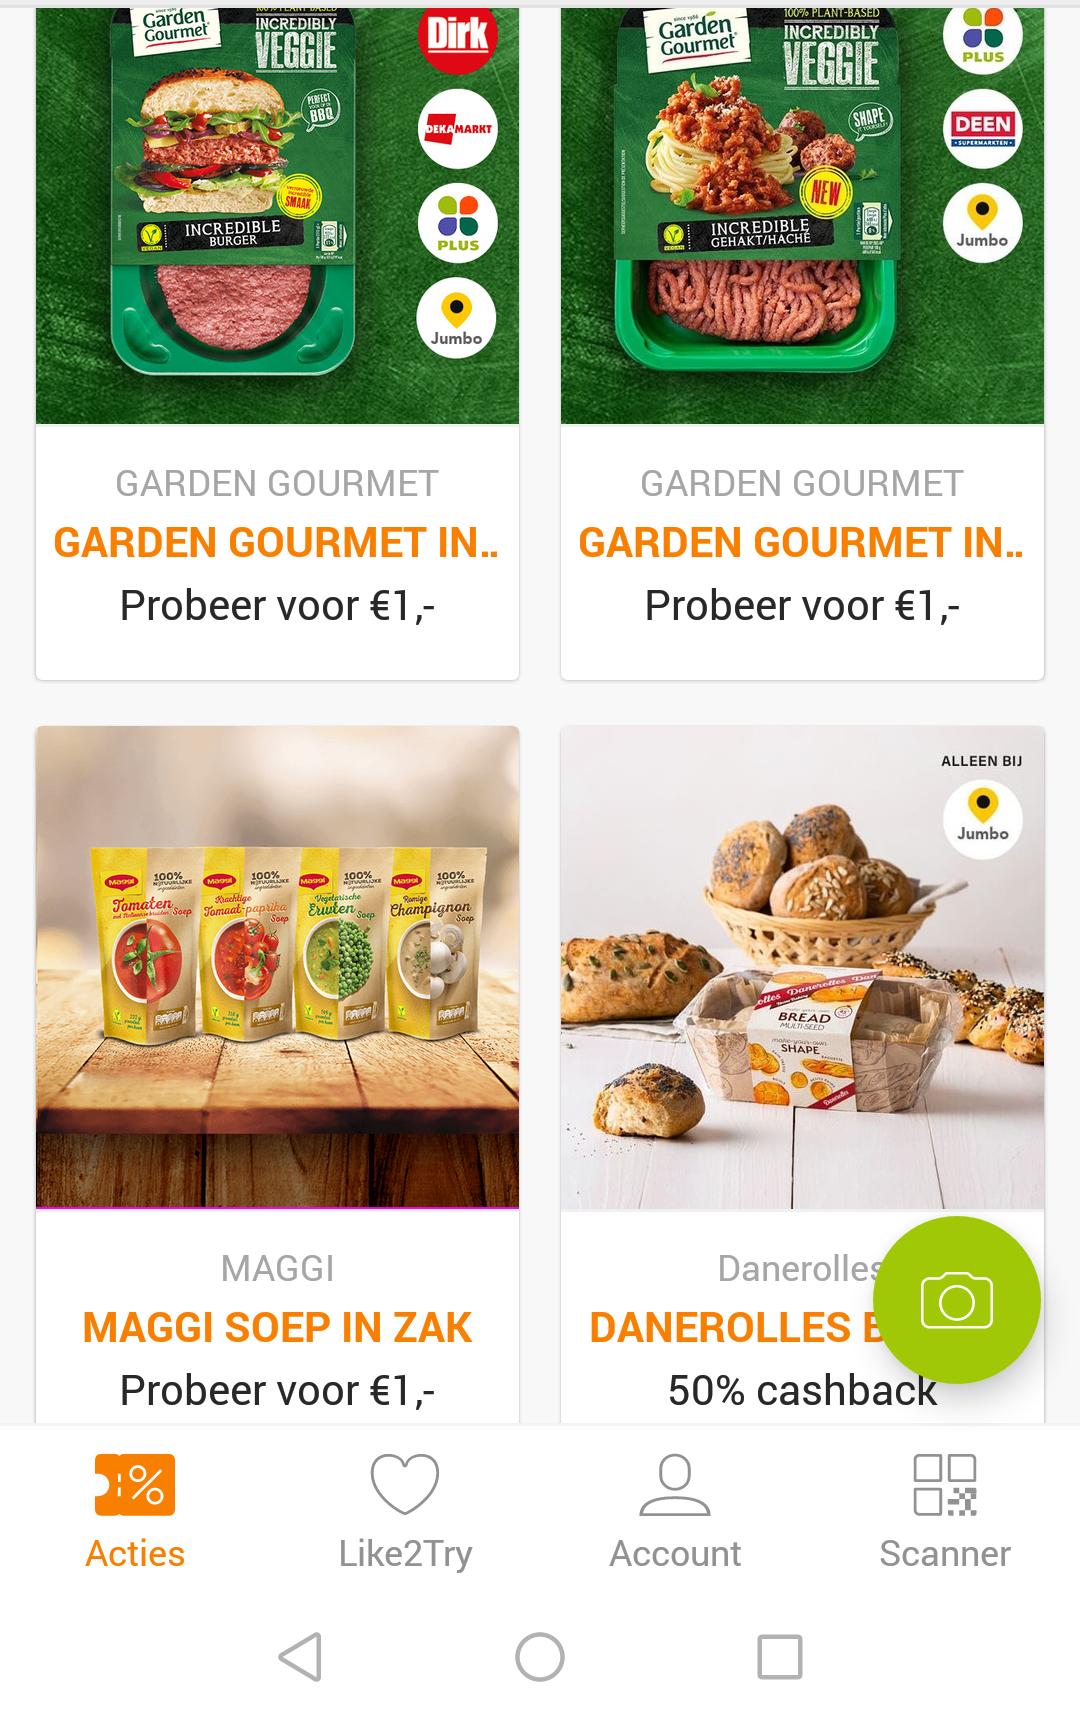 Maggi Soep & 2 maal Garden Gourmet voor €1